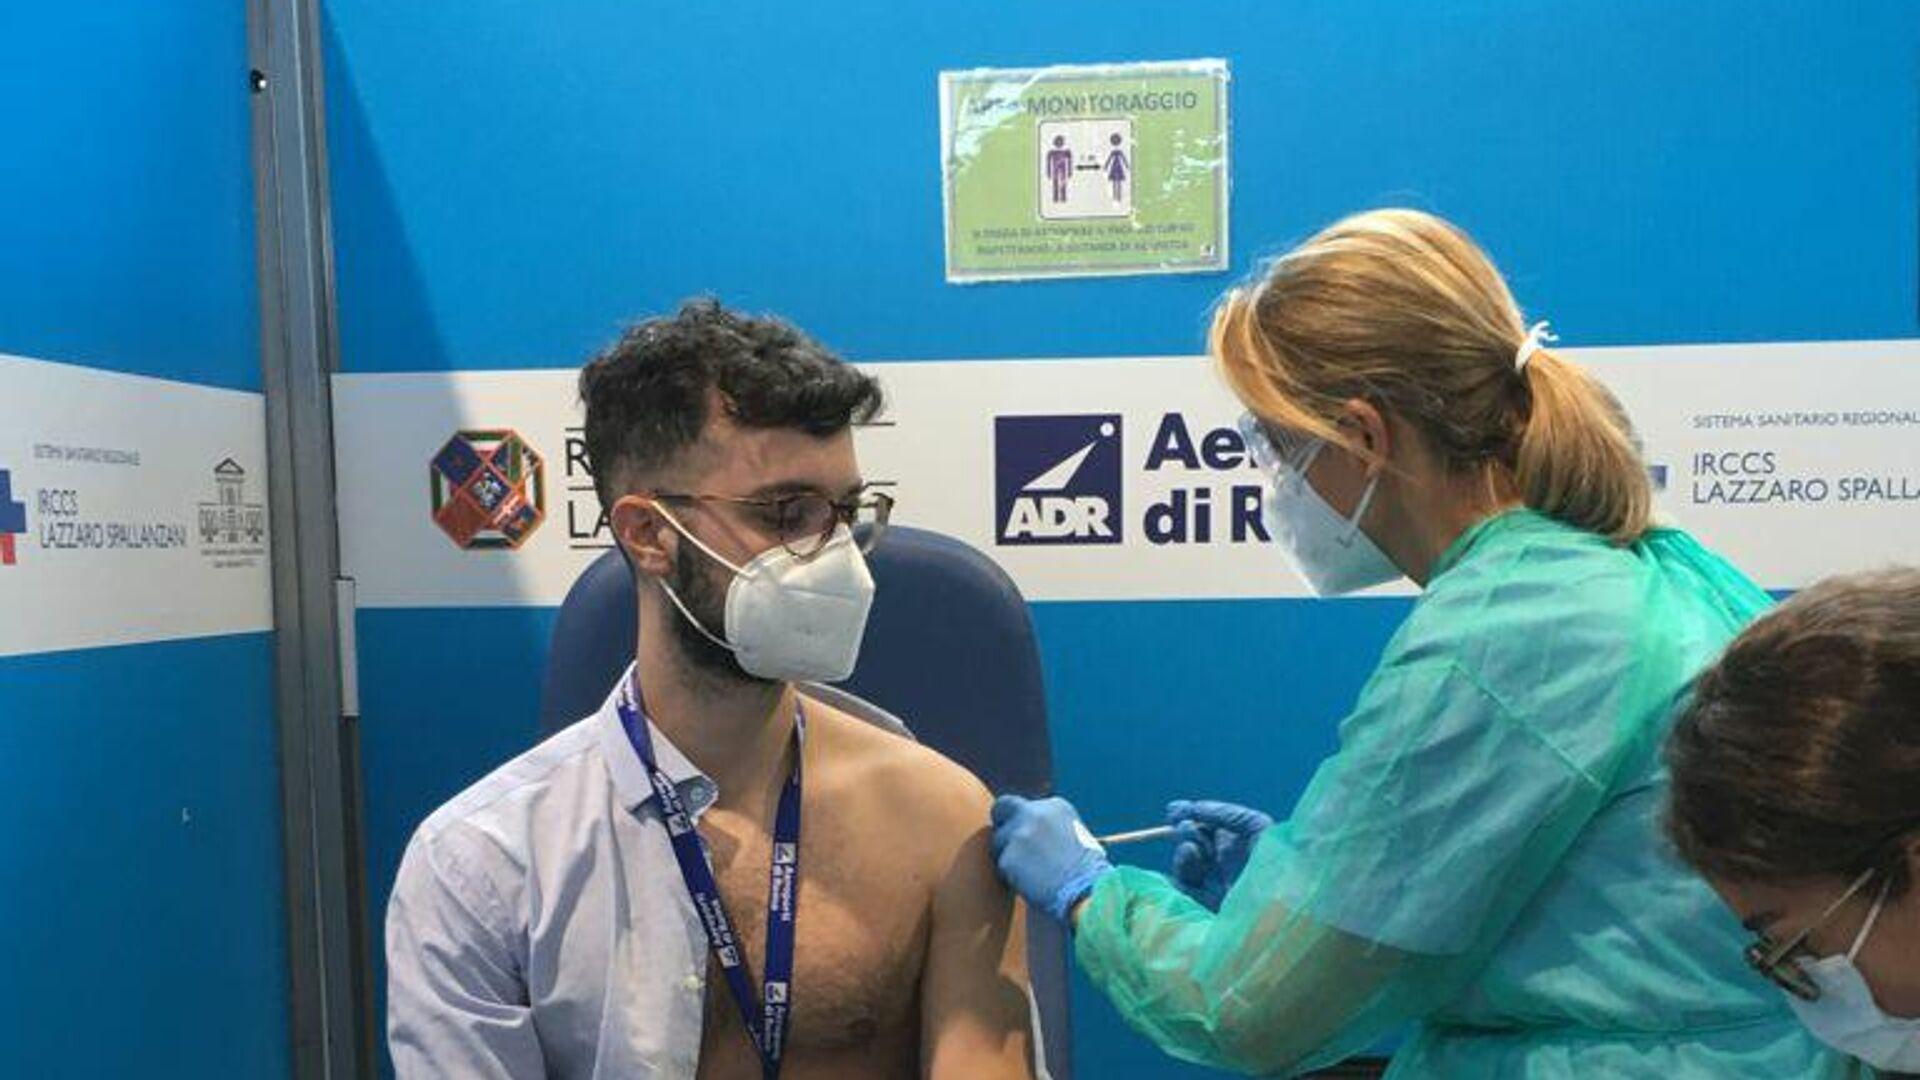 Vaccinazioni nel centro Vax&Go all'aeroporto di Fiumicino - Sputnik Italia, 1920, 11.08.2021